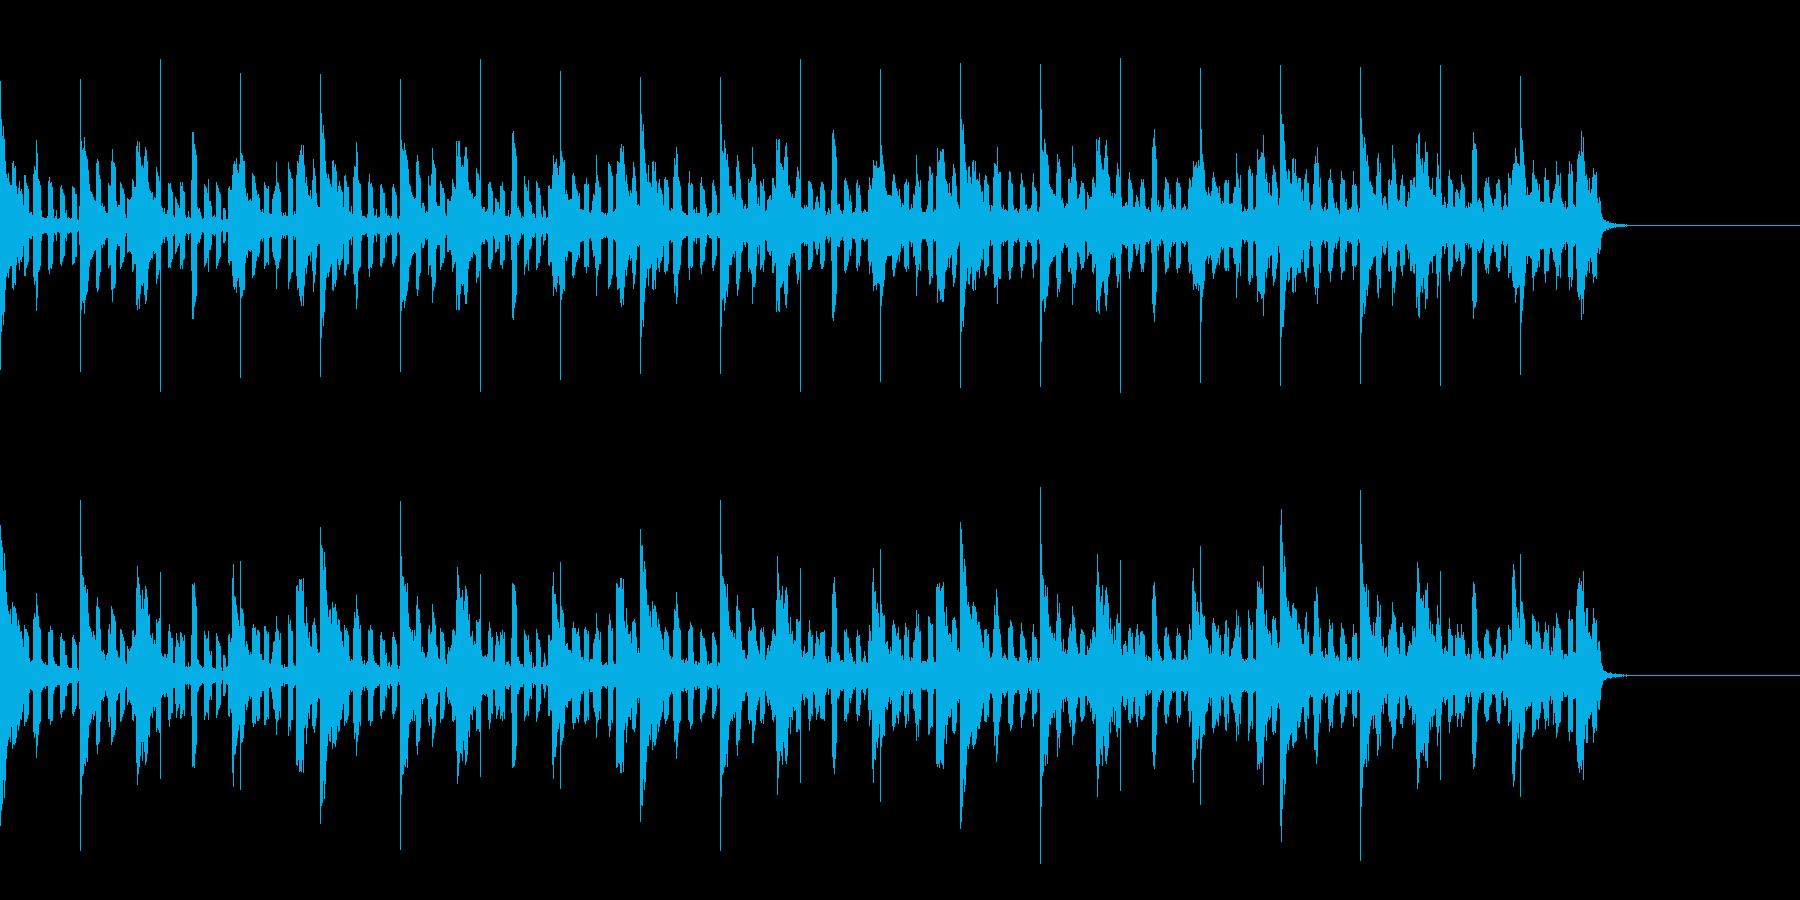 ピアノと電子音のジャズEDMサウンドの再生済みの波形